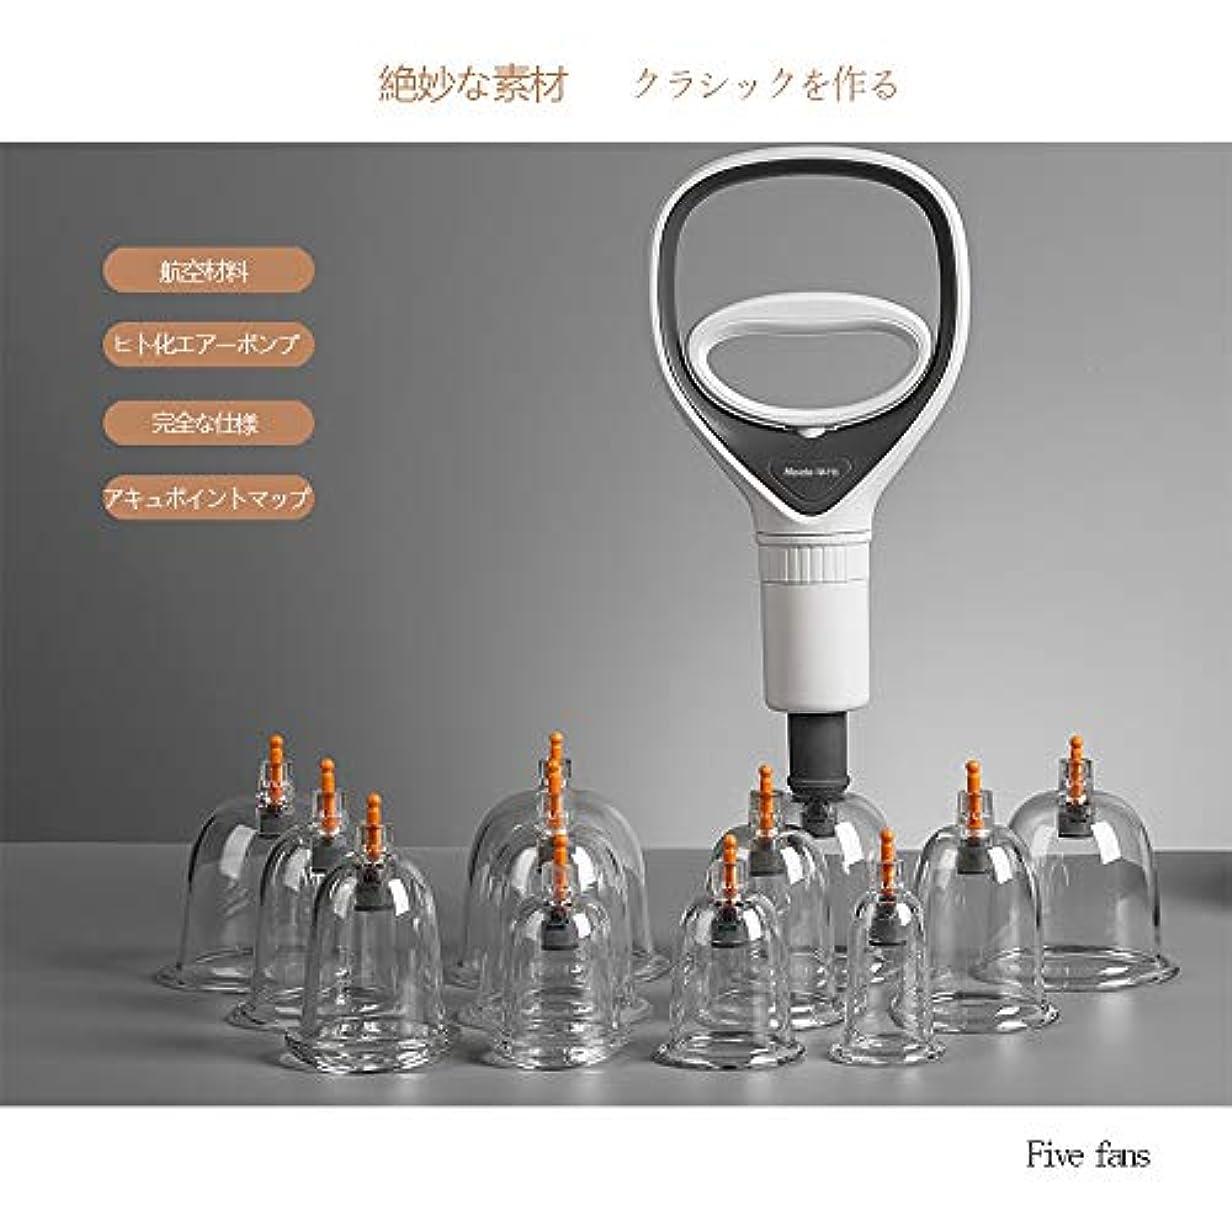 オーラルランダム鋸歯状カッピング 吸い玉 マッサージカップ 磁気 ポンプ付きカッピングセット 疲労解消 血液の循環を刺激 各部位対応8種類 12個セット(ギフトボックス付き)